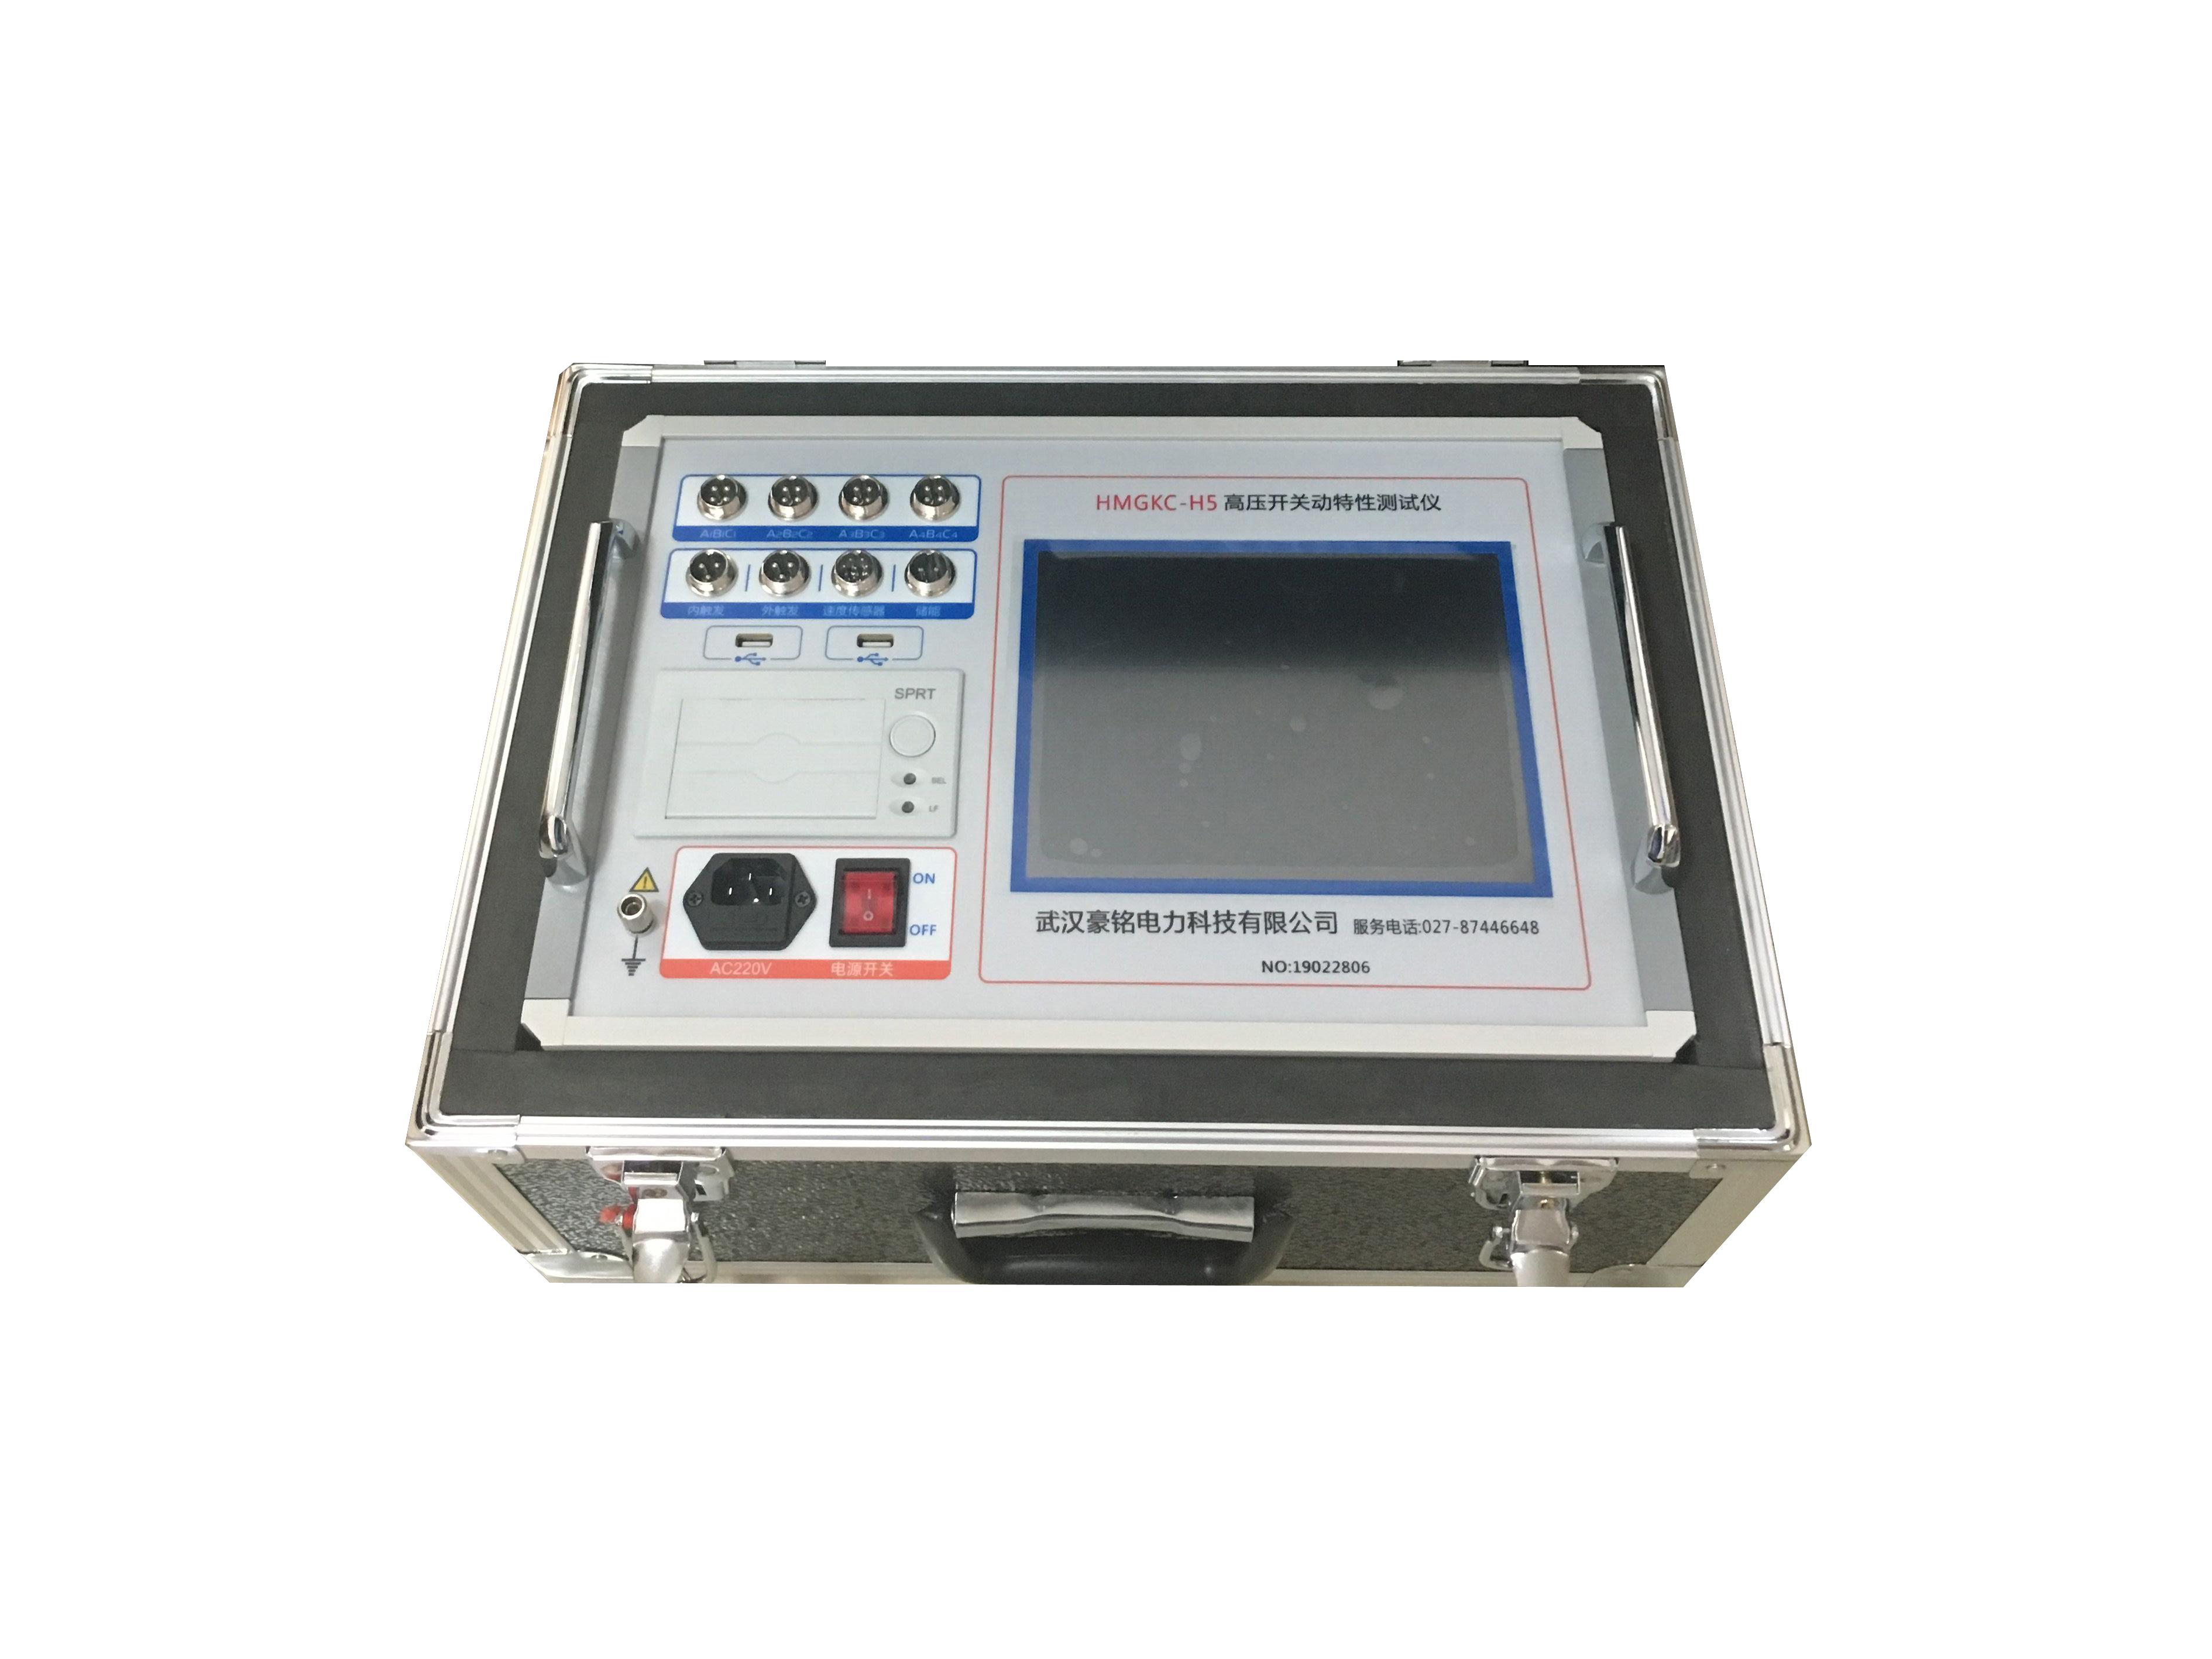 HMGKC-H5高壓開關動特性測試儀